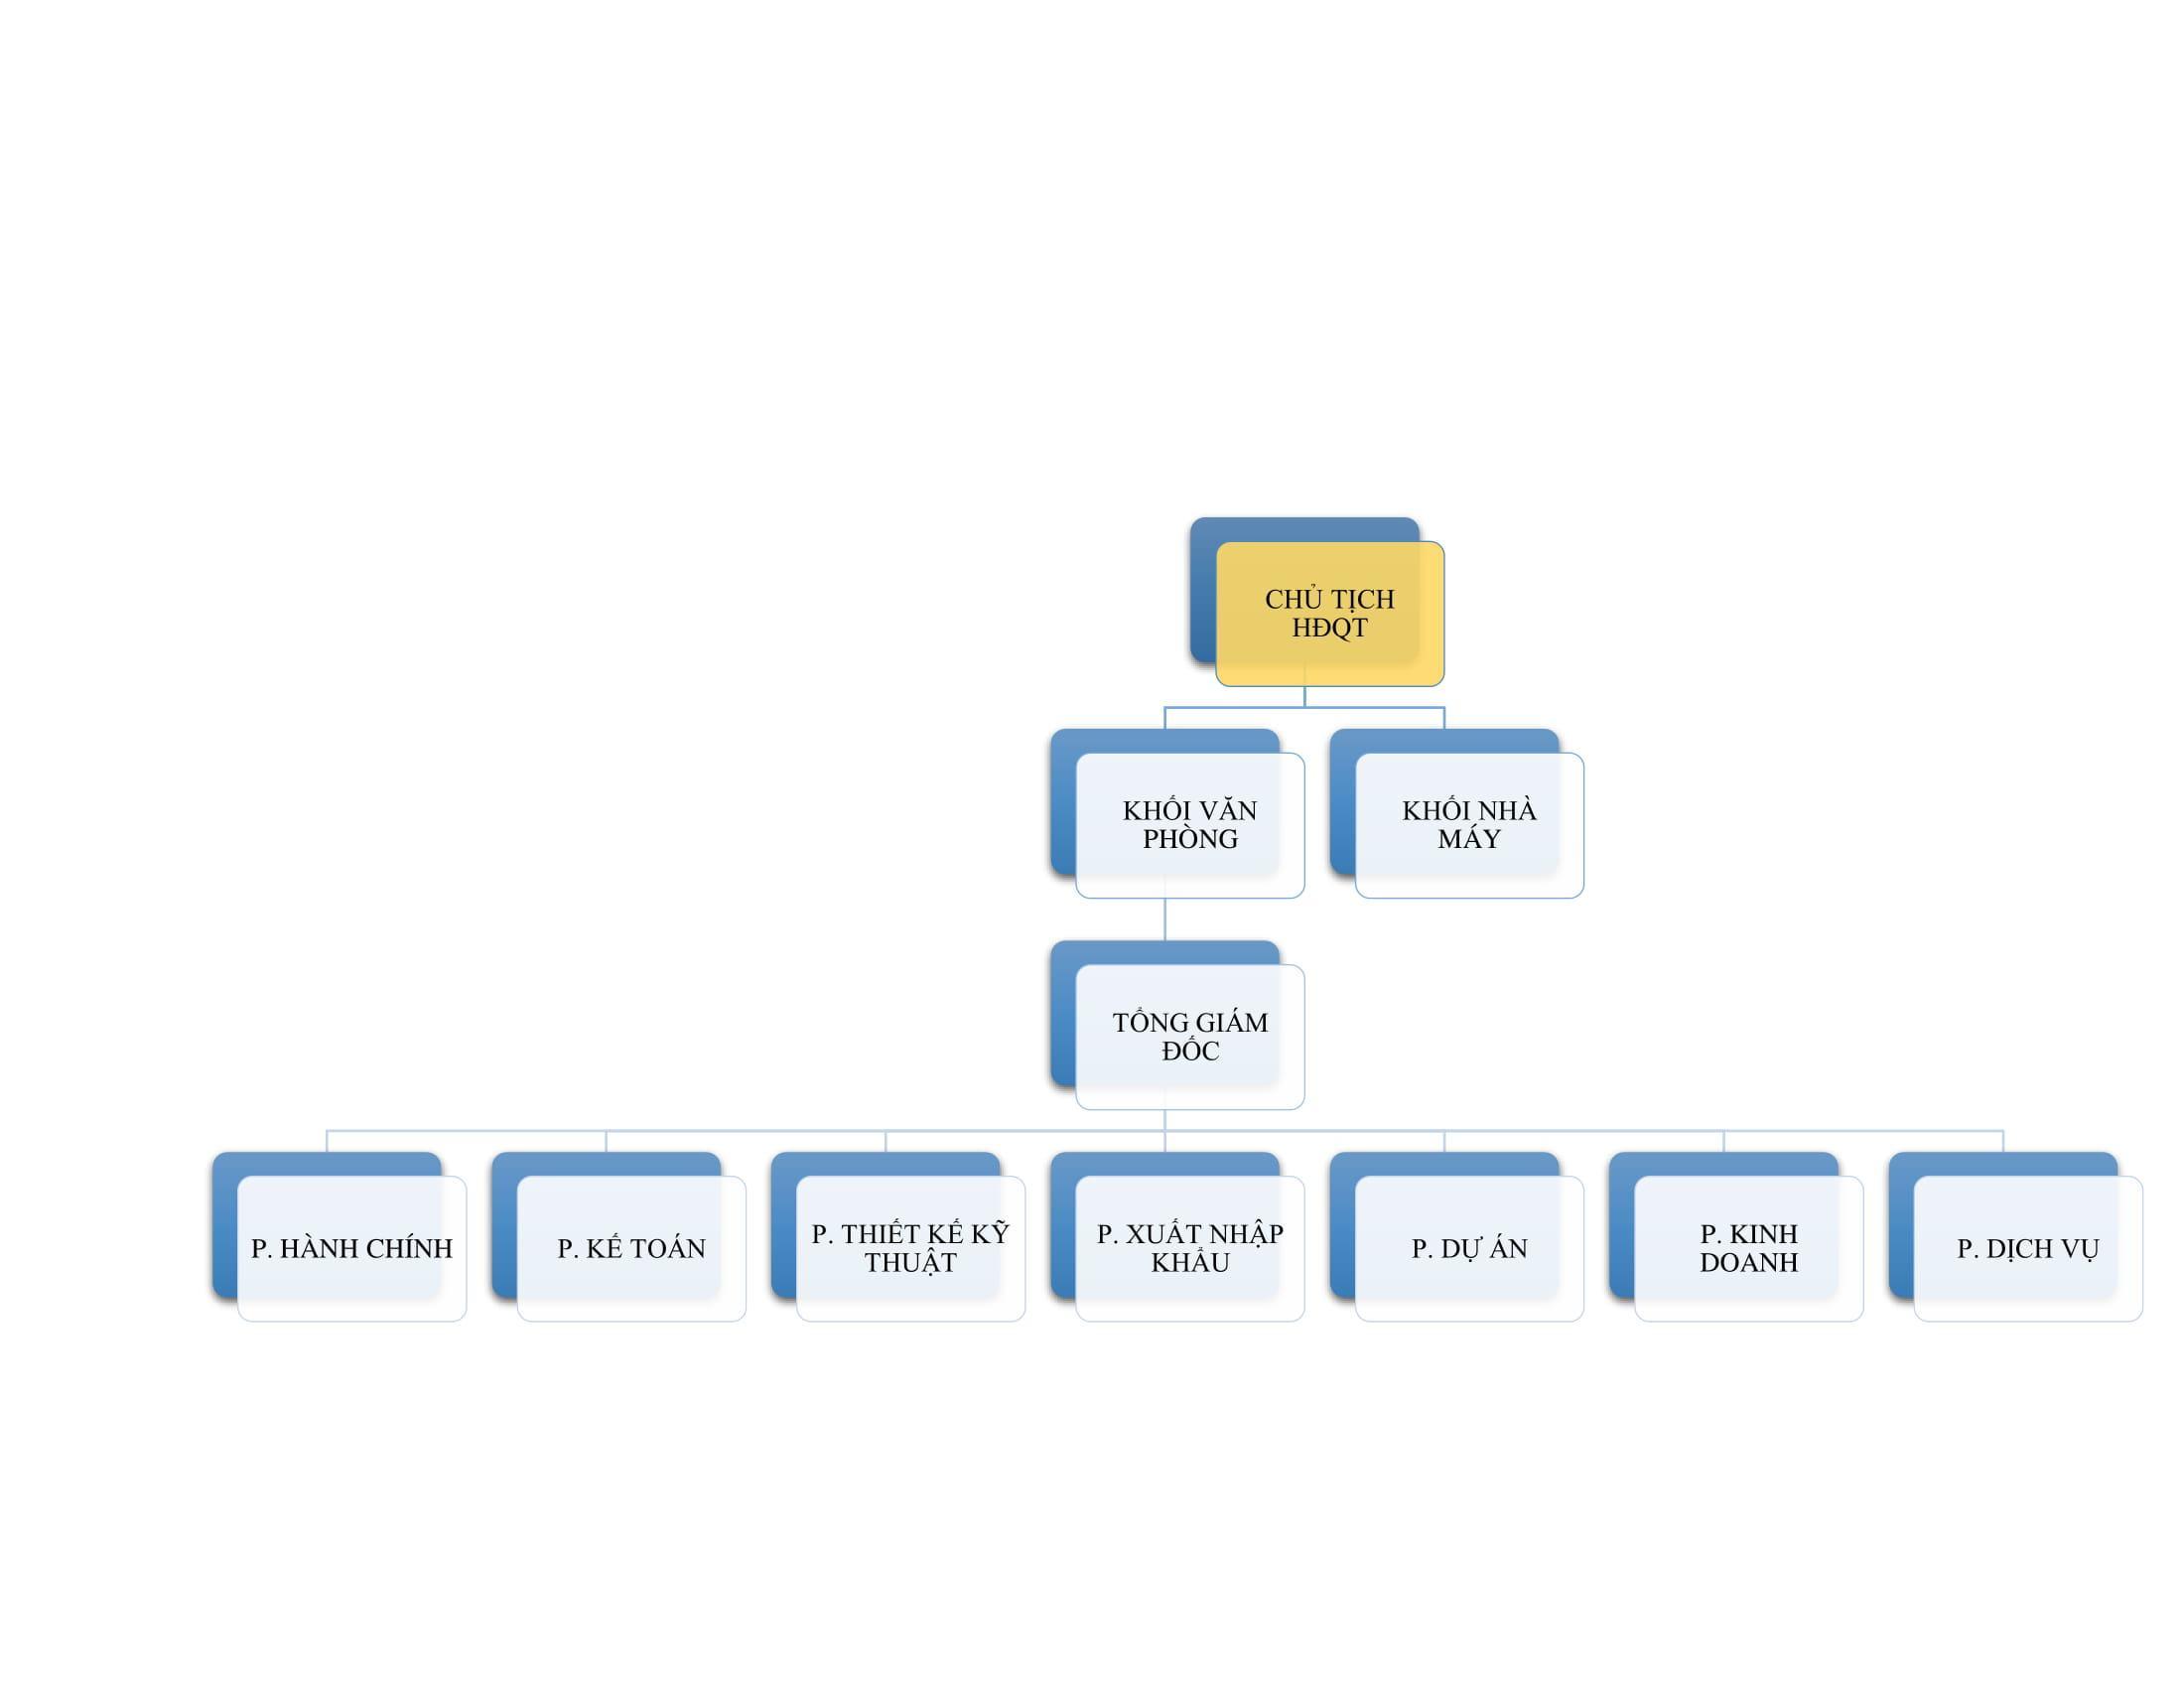 Sơ đồ cơ cấu tổ chức công ty VISC